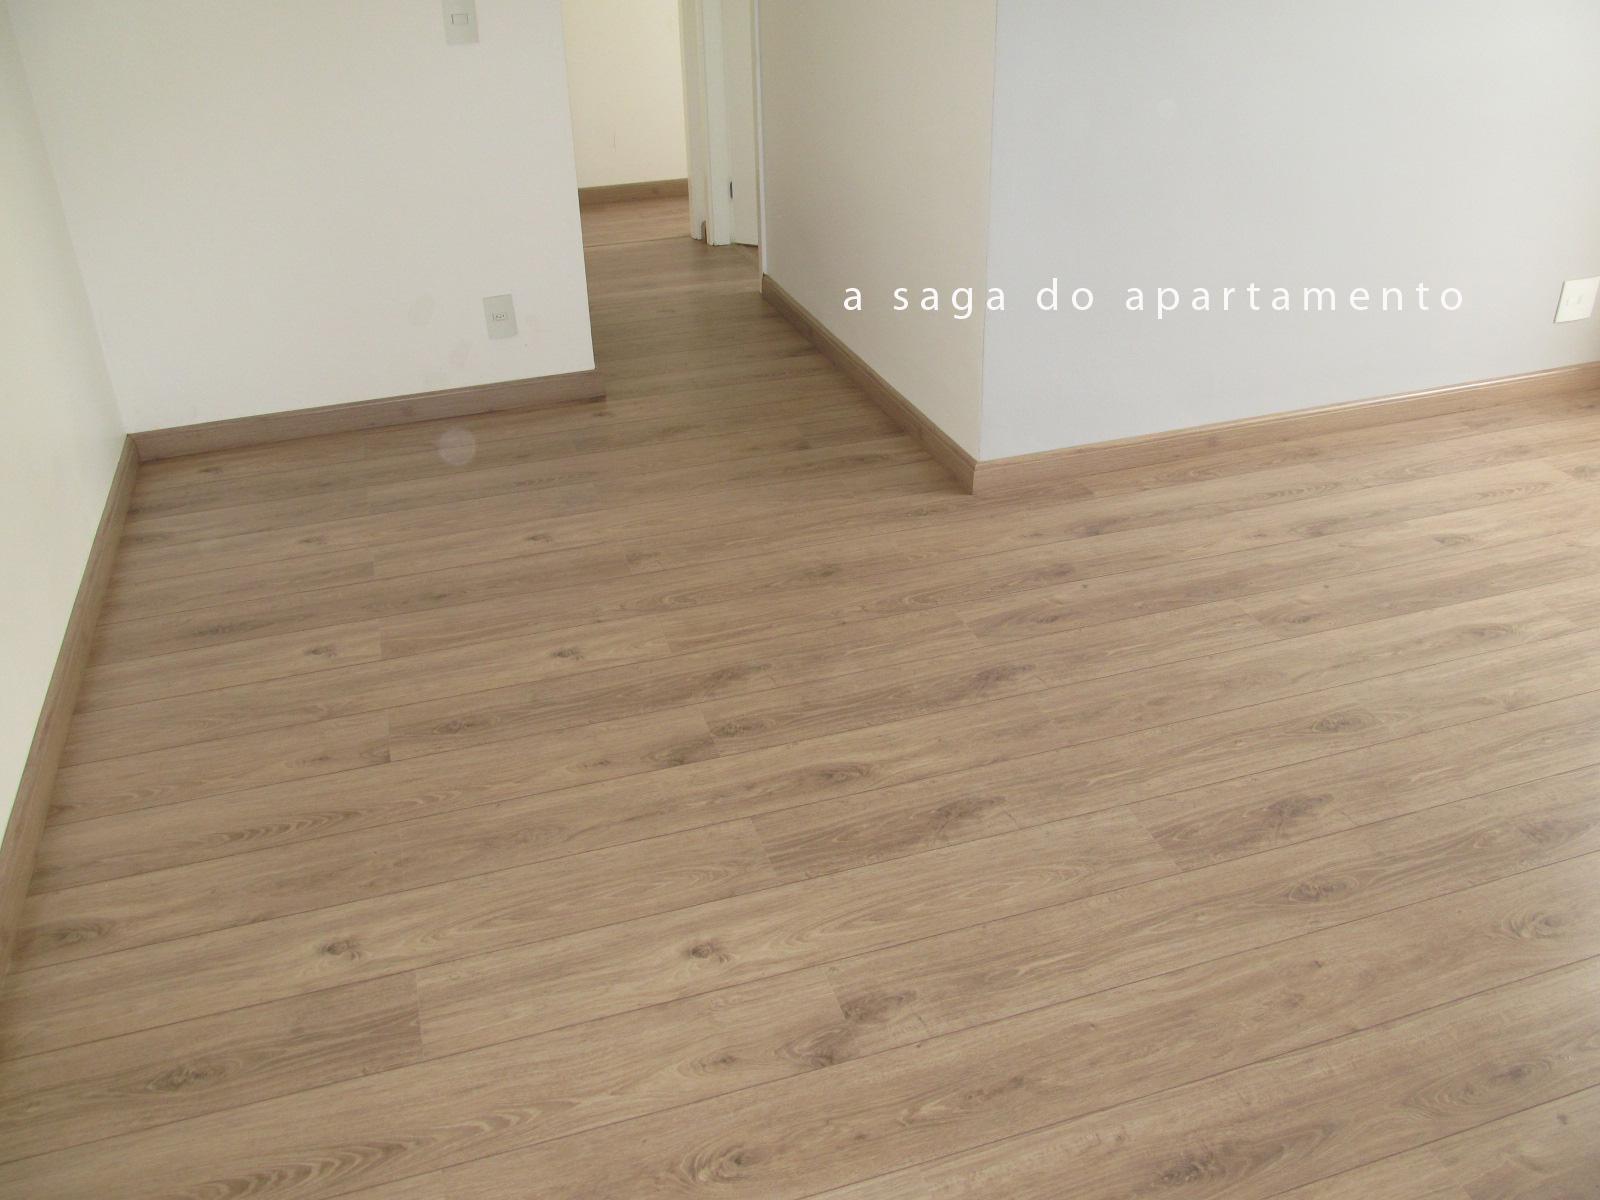 Super A saga do piso, parte 5: Laminado finalmente instalado!!! | a saga  PT69